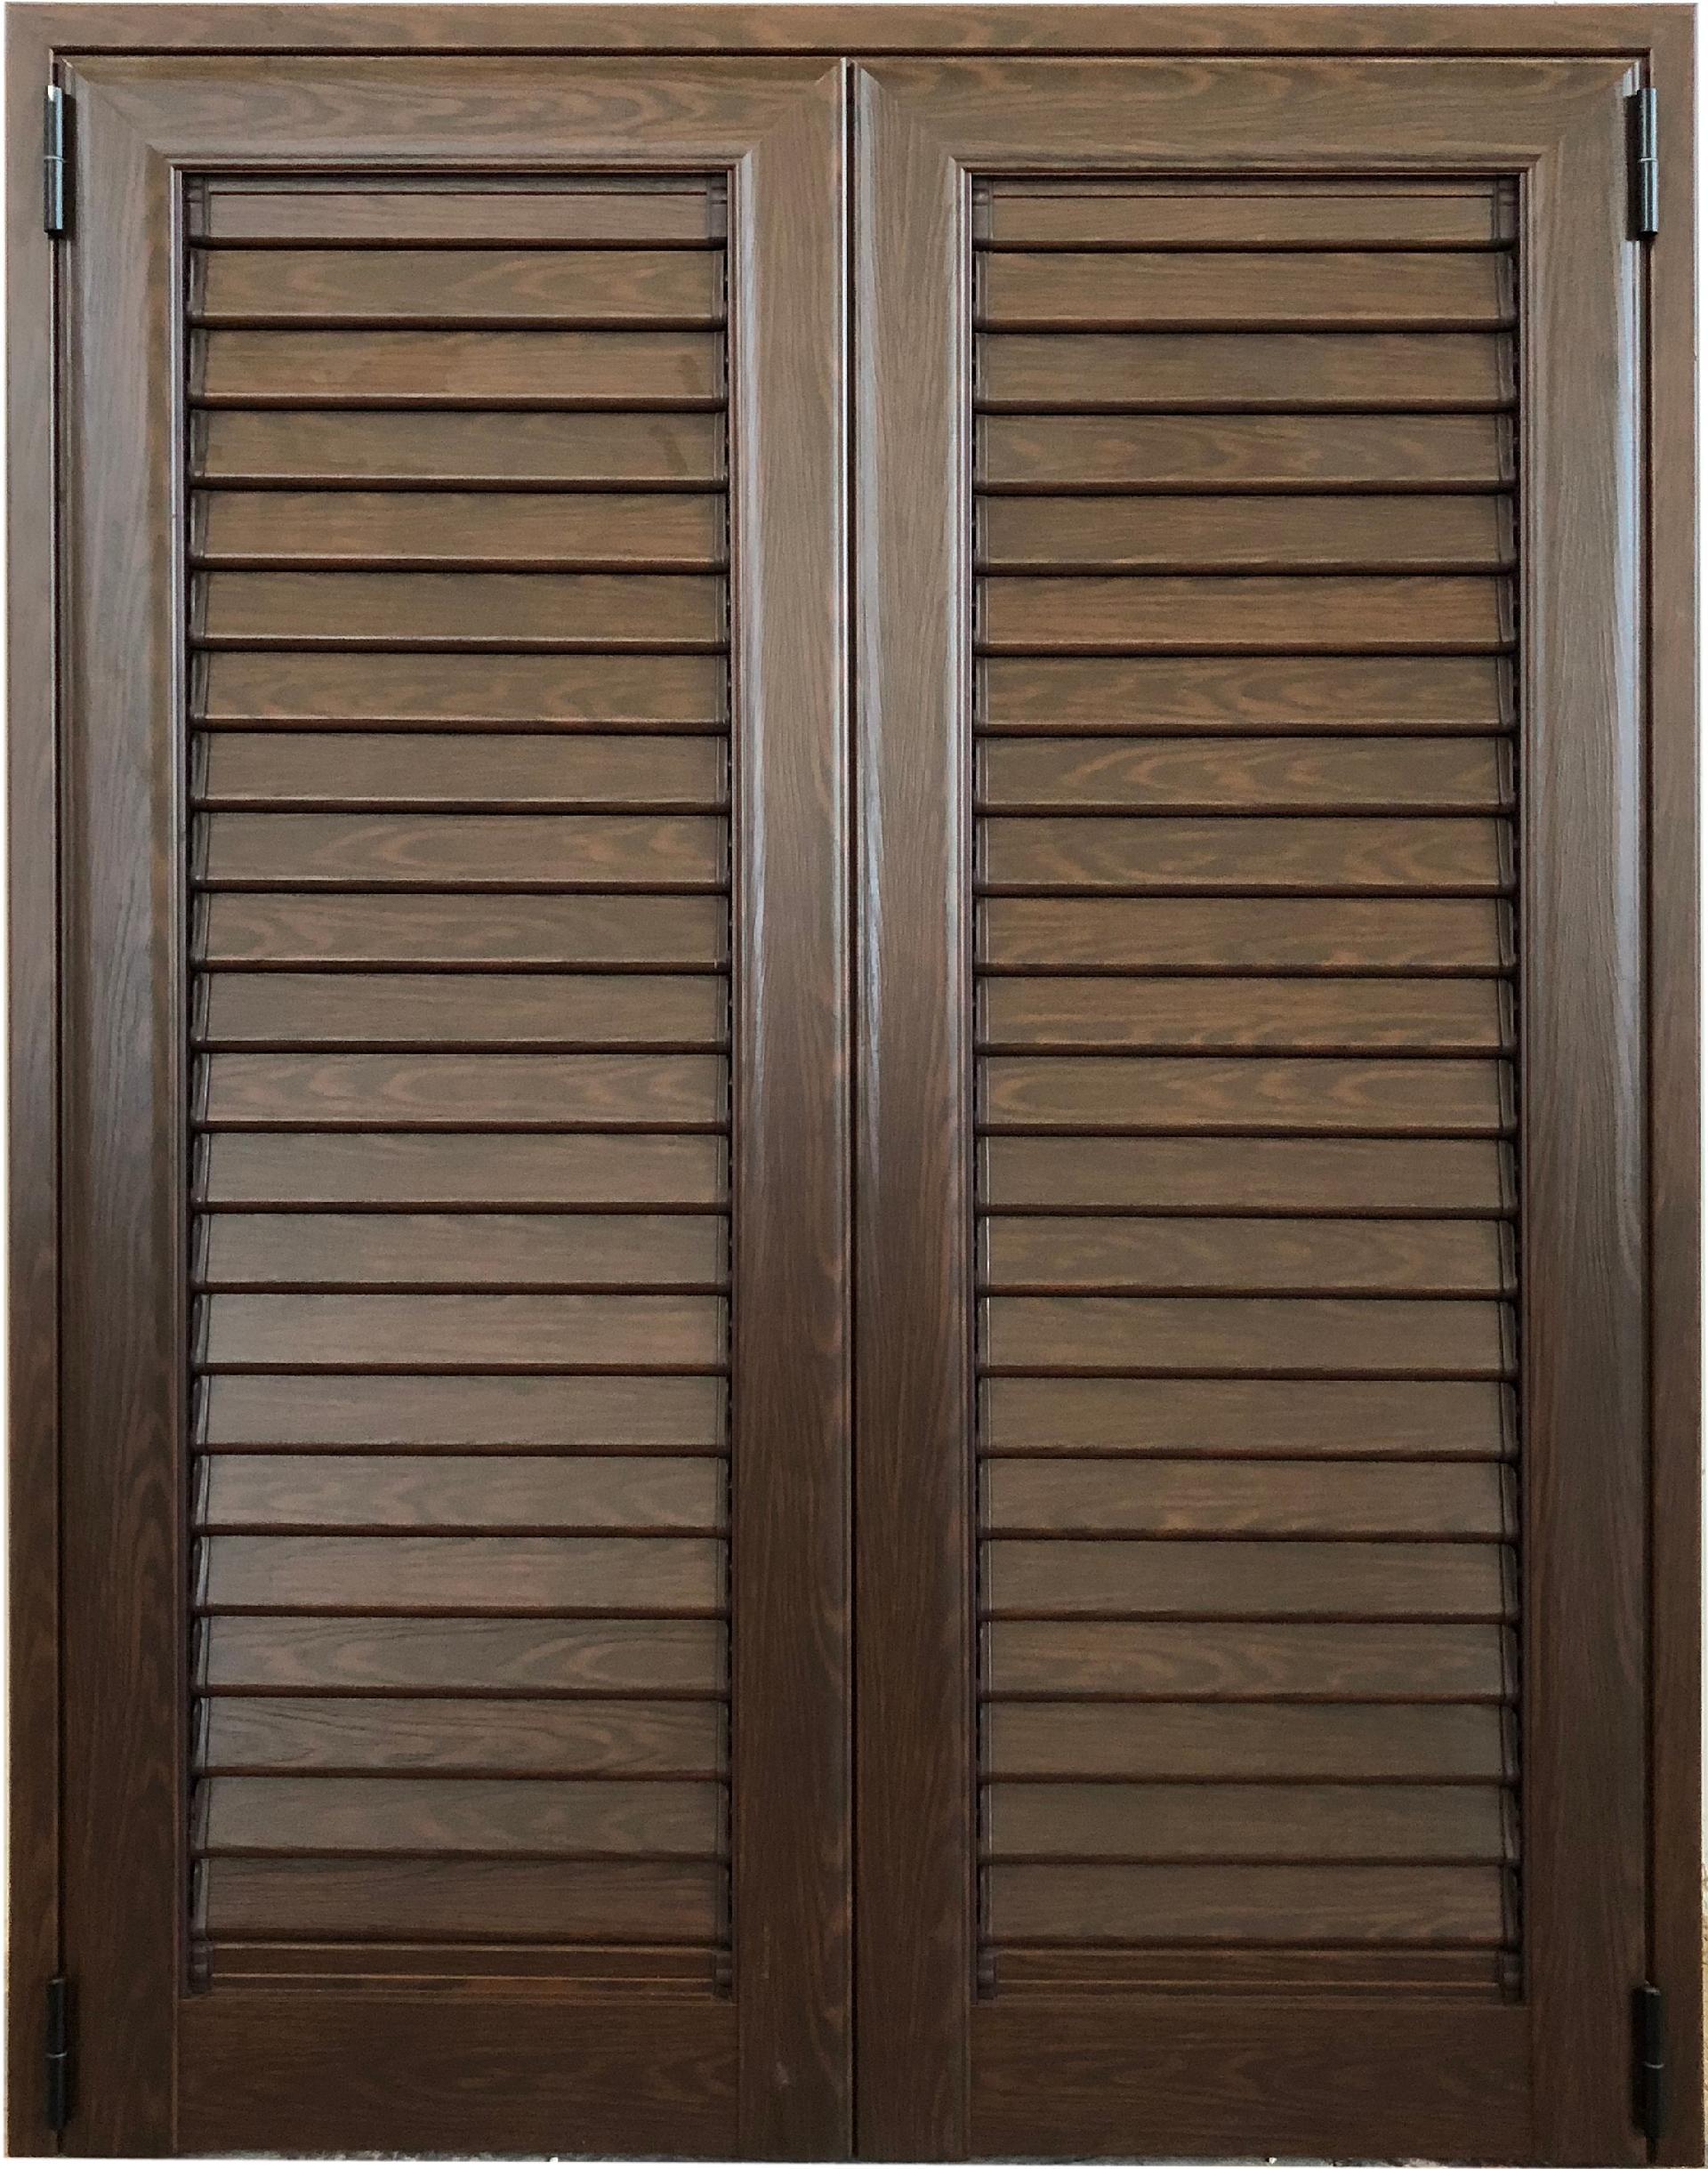 Finestra 2 ante alluminio nuovo camporeale palermo - Controtelaio finestra prezzo ...